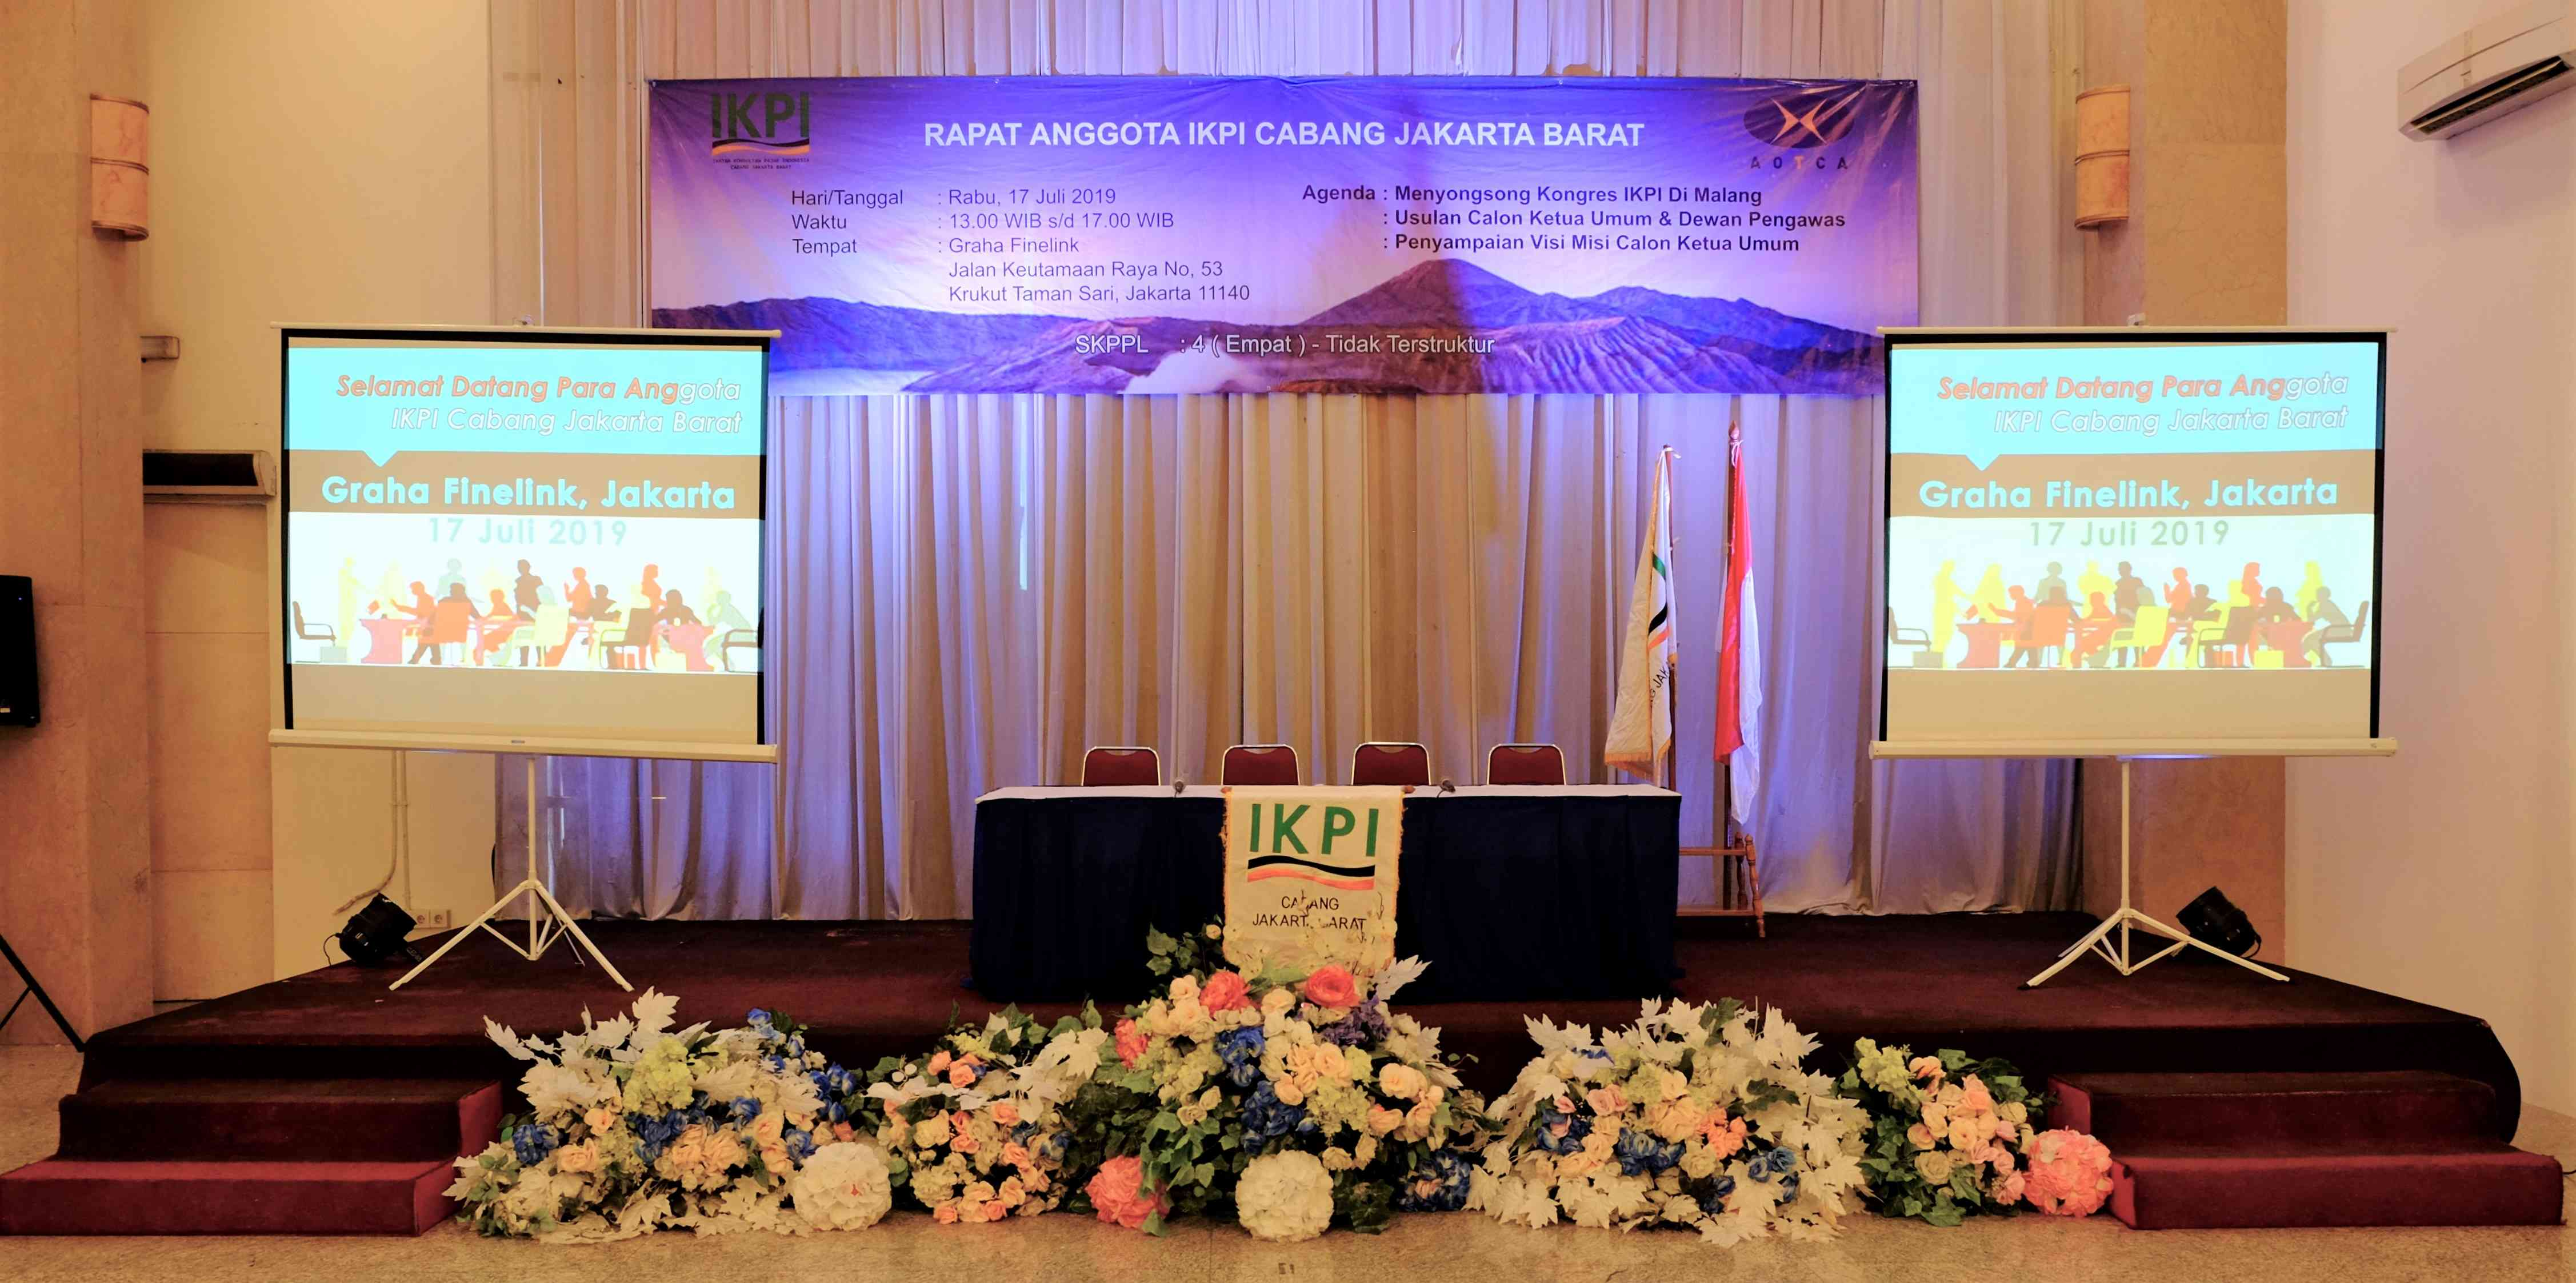 Rapat Anggota IKPI Cab. Jakarta Barat Dalam Rangka Menyongsong Kongres IKPI XI di Malang